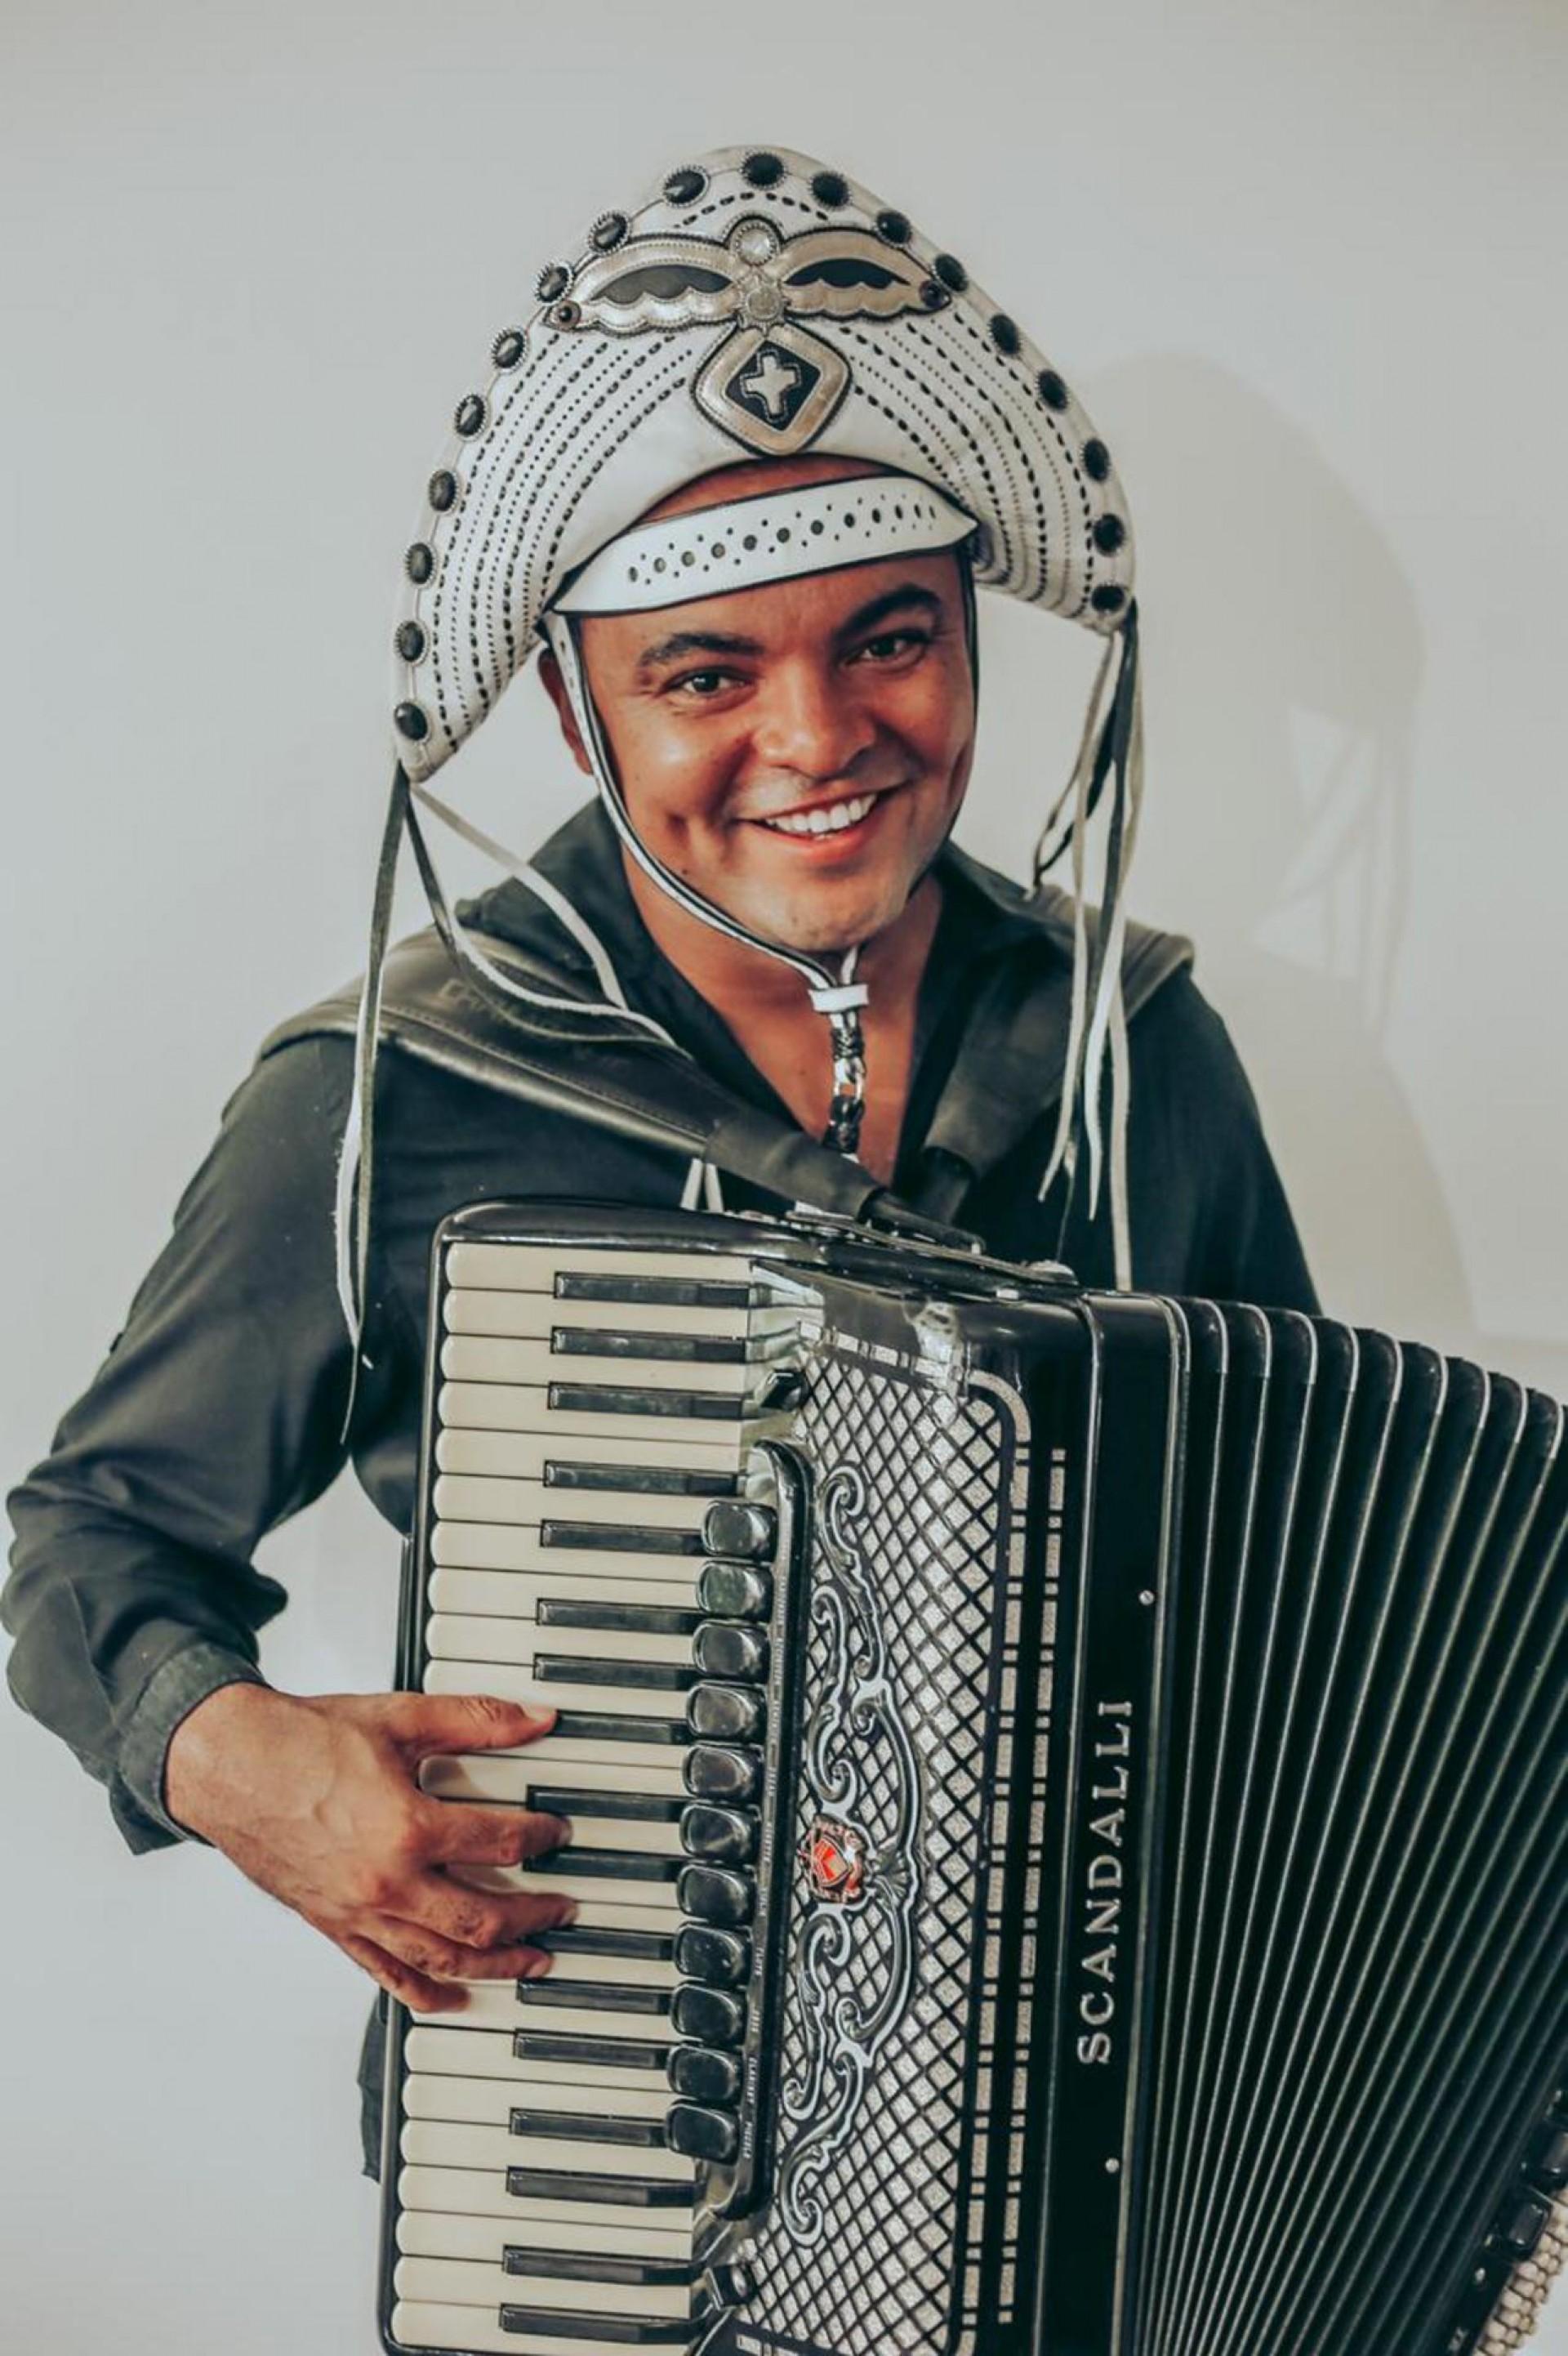 o artista Chambinho do Acordeon faz apresentação on-line nesta quarta-feira, 15, às 18 horas, na programação cultural da CDL Fortaleza. O sanfoneiro interpretou Luiz Gonzaga no filme